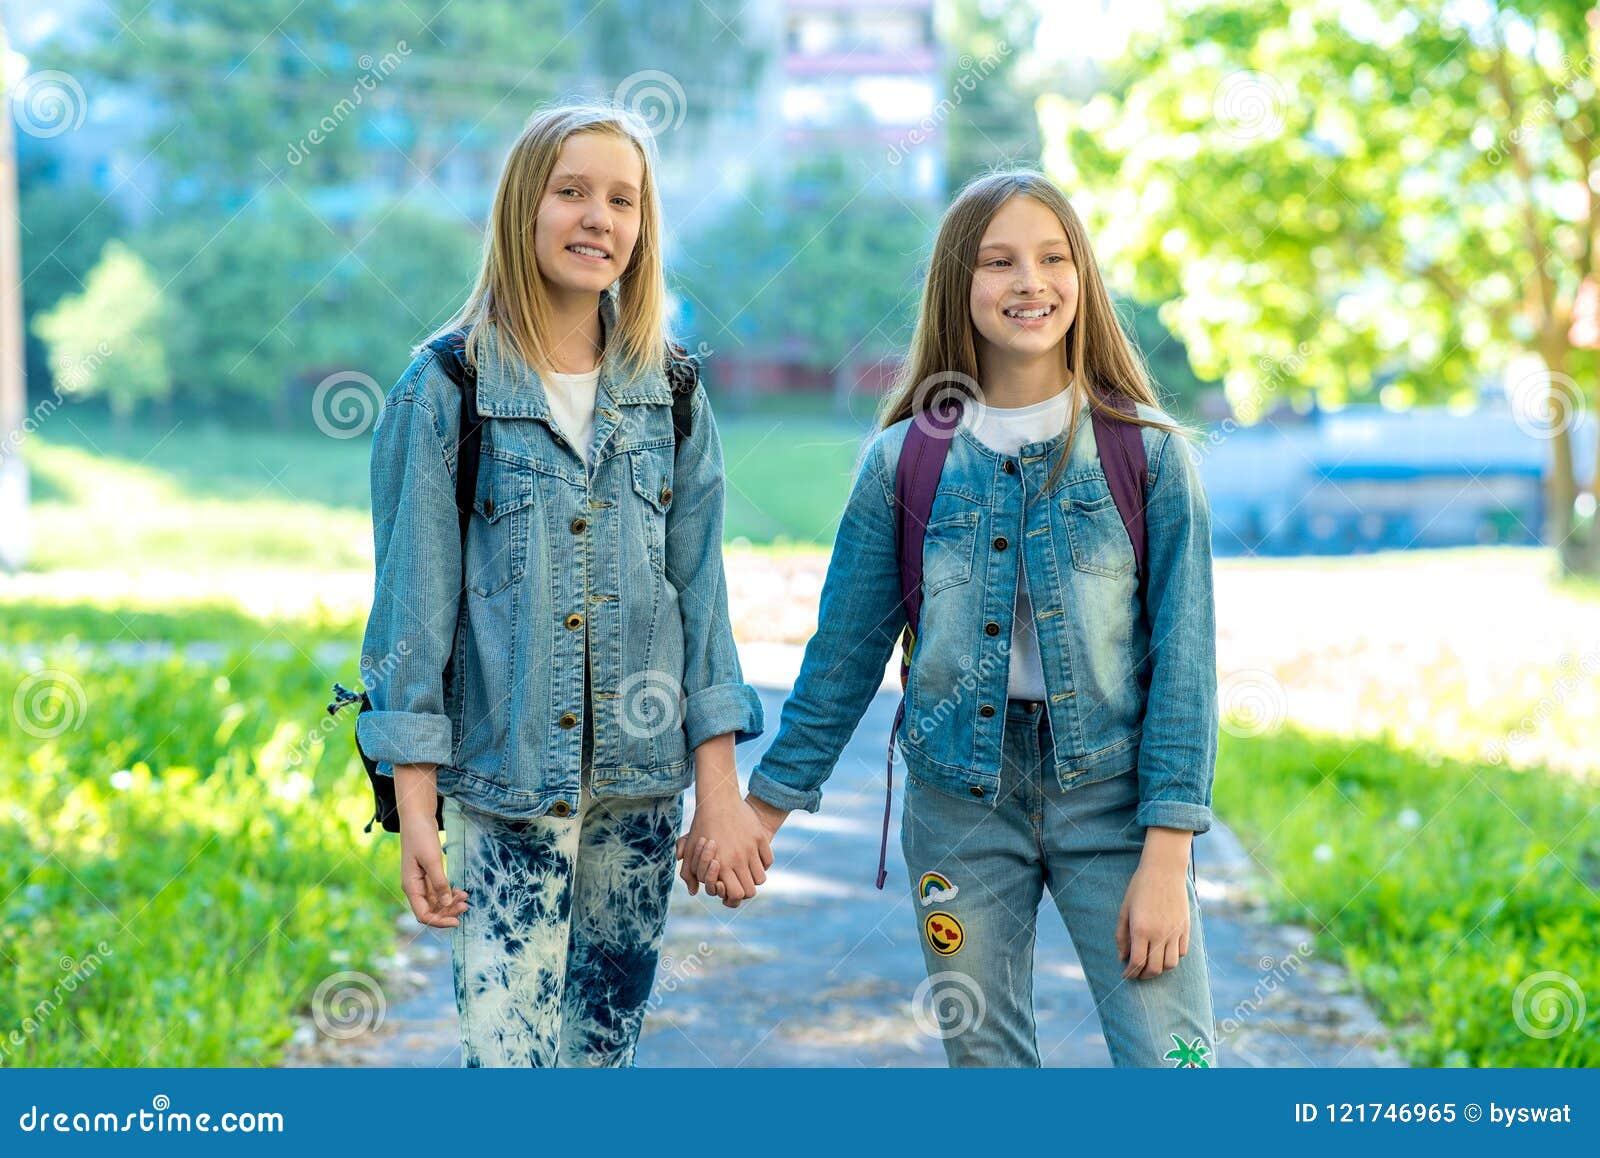 Lesbian Best Friends Seduction